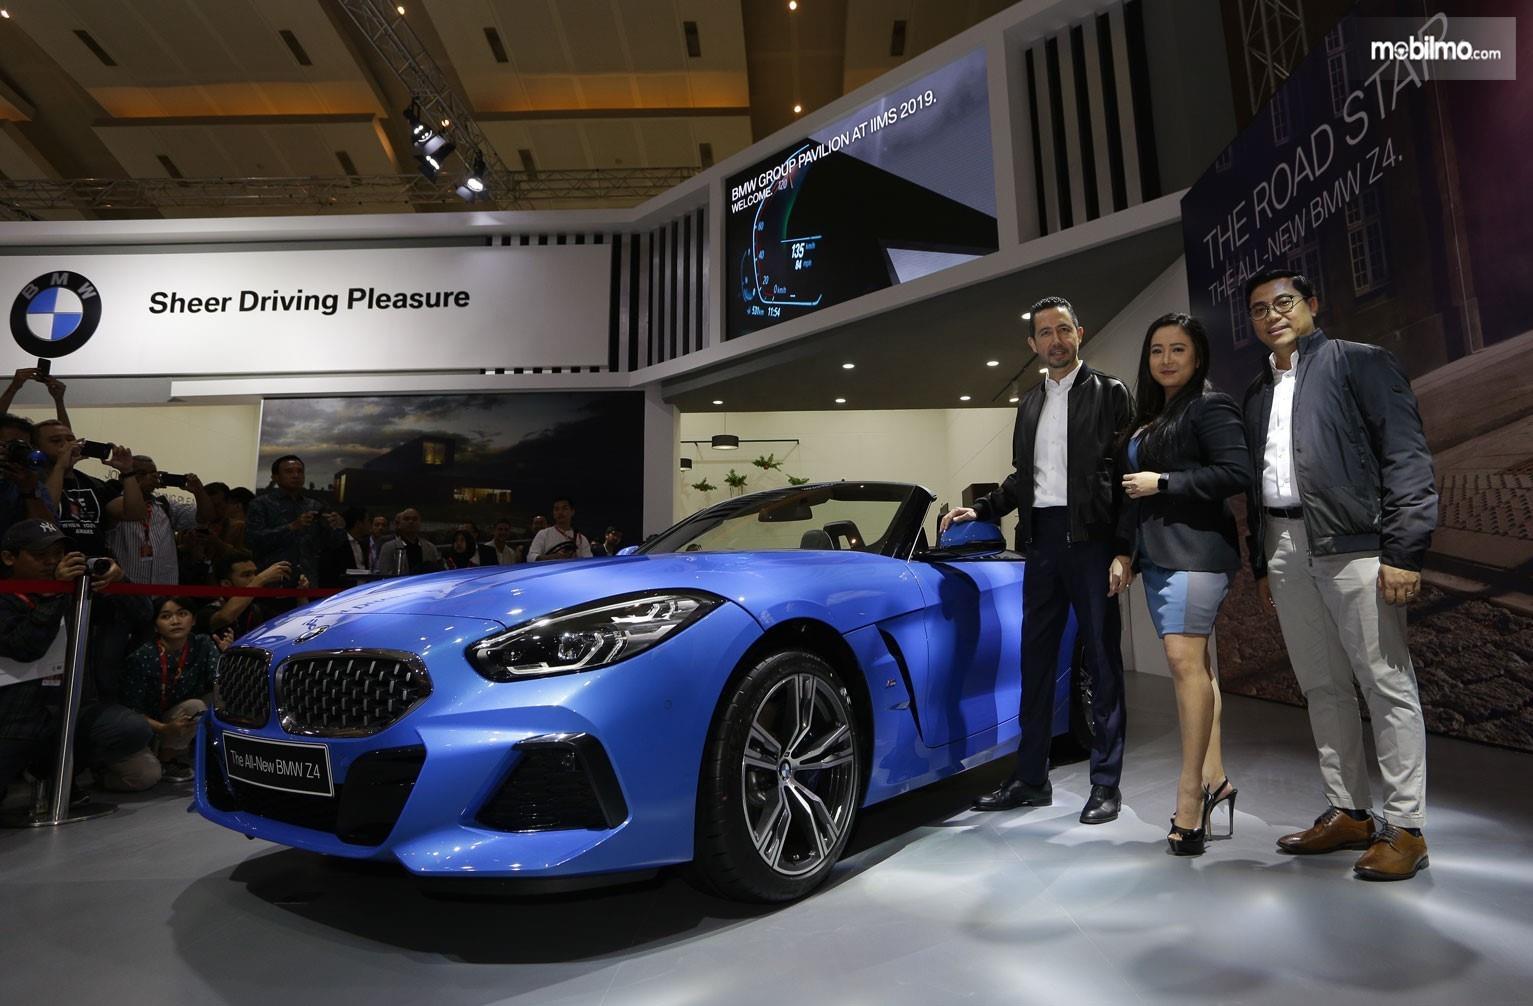 Foto BMW Z4 generasi terbaru saat diluncurkan di pameran IIMS 2019